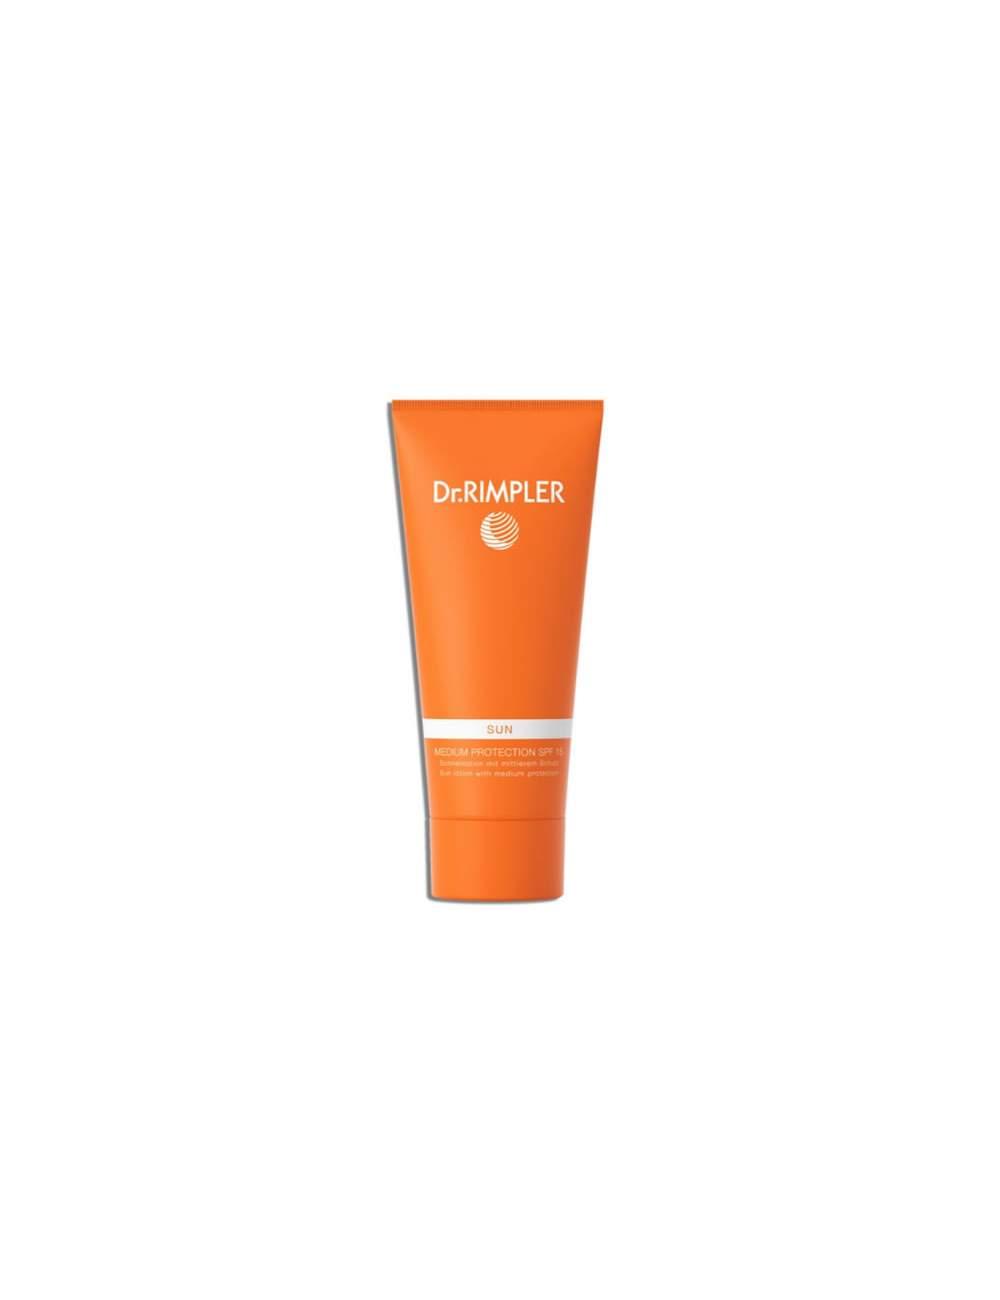 Crème de Protection Solaire Corporelle SPF 15 Sun Medium Protection. Dr. Rimpler.